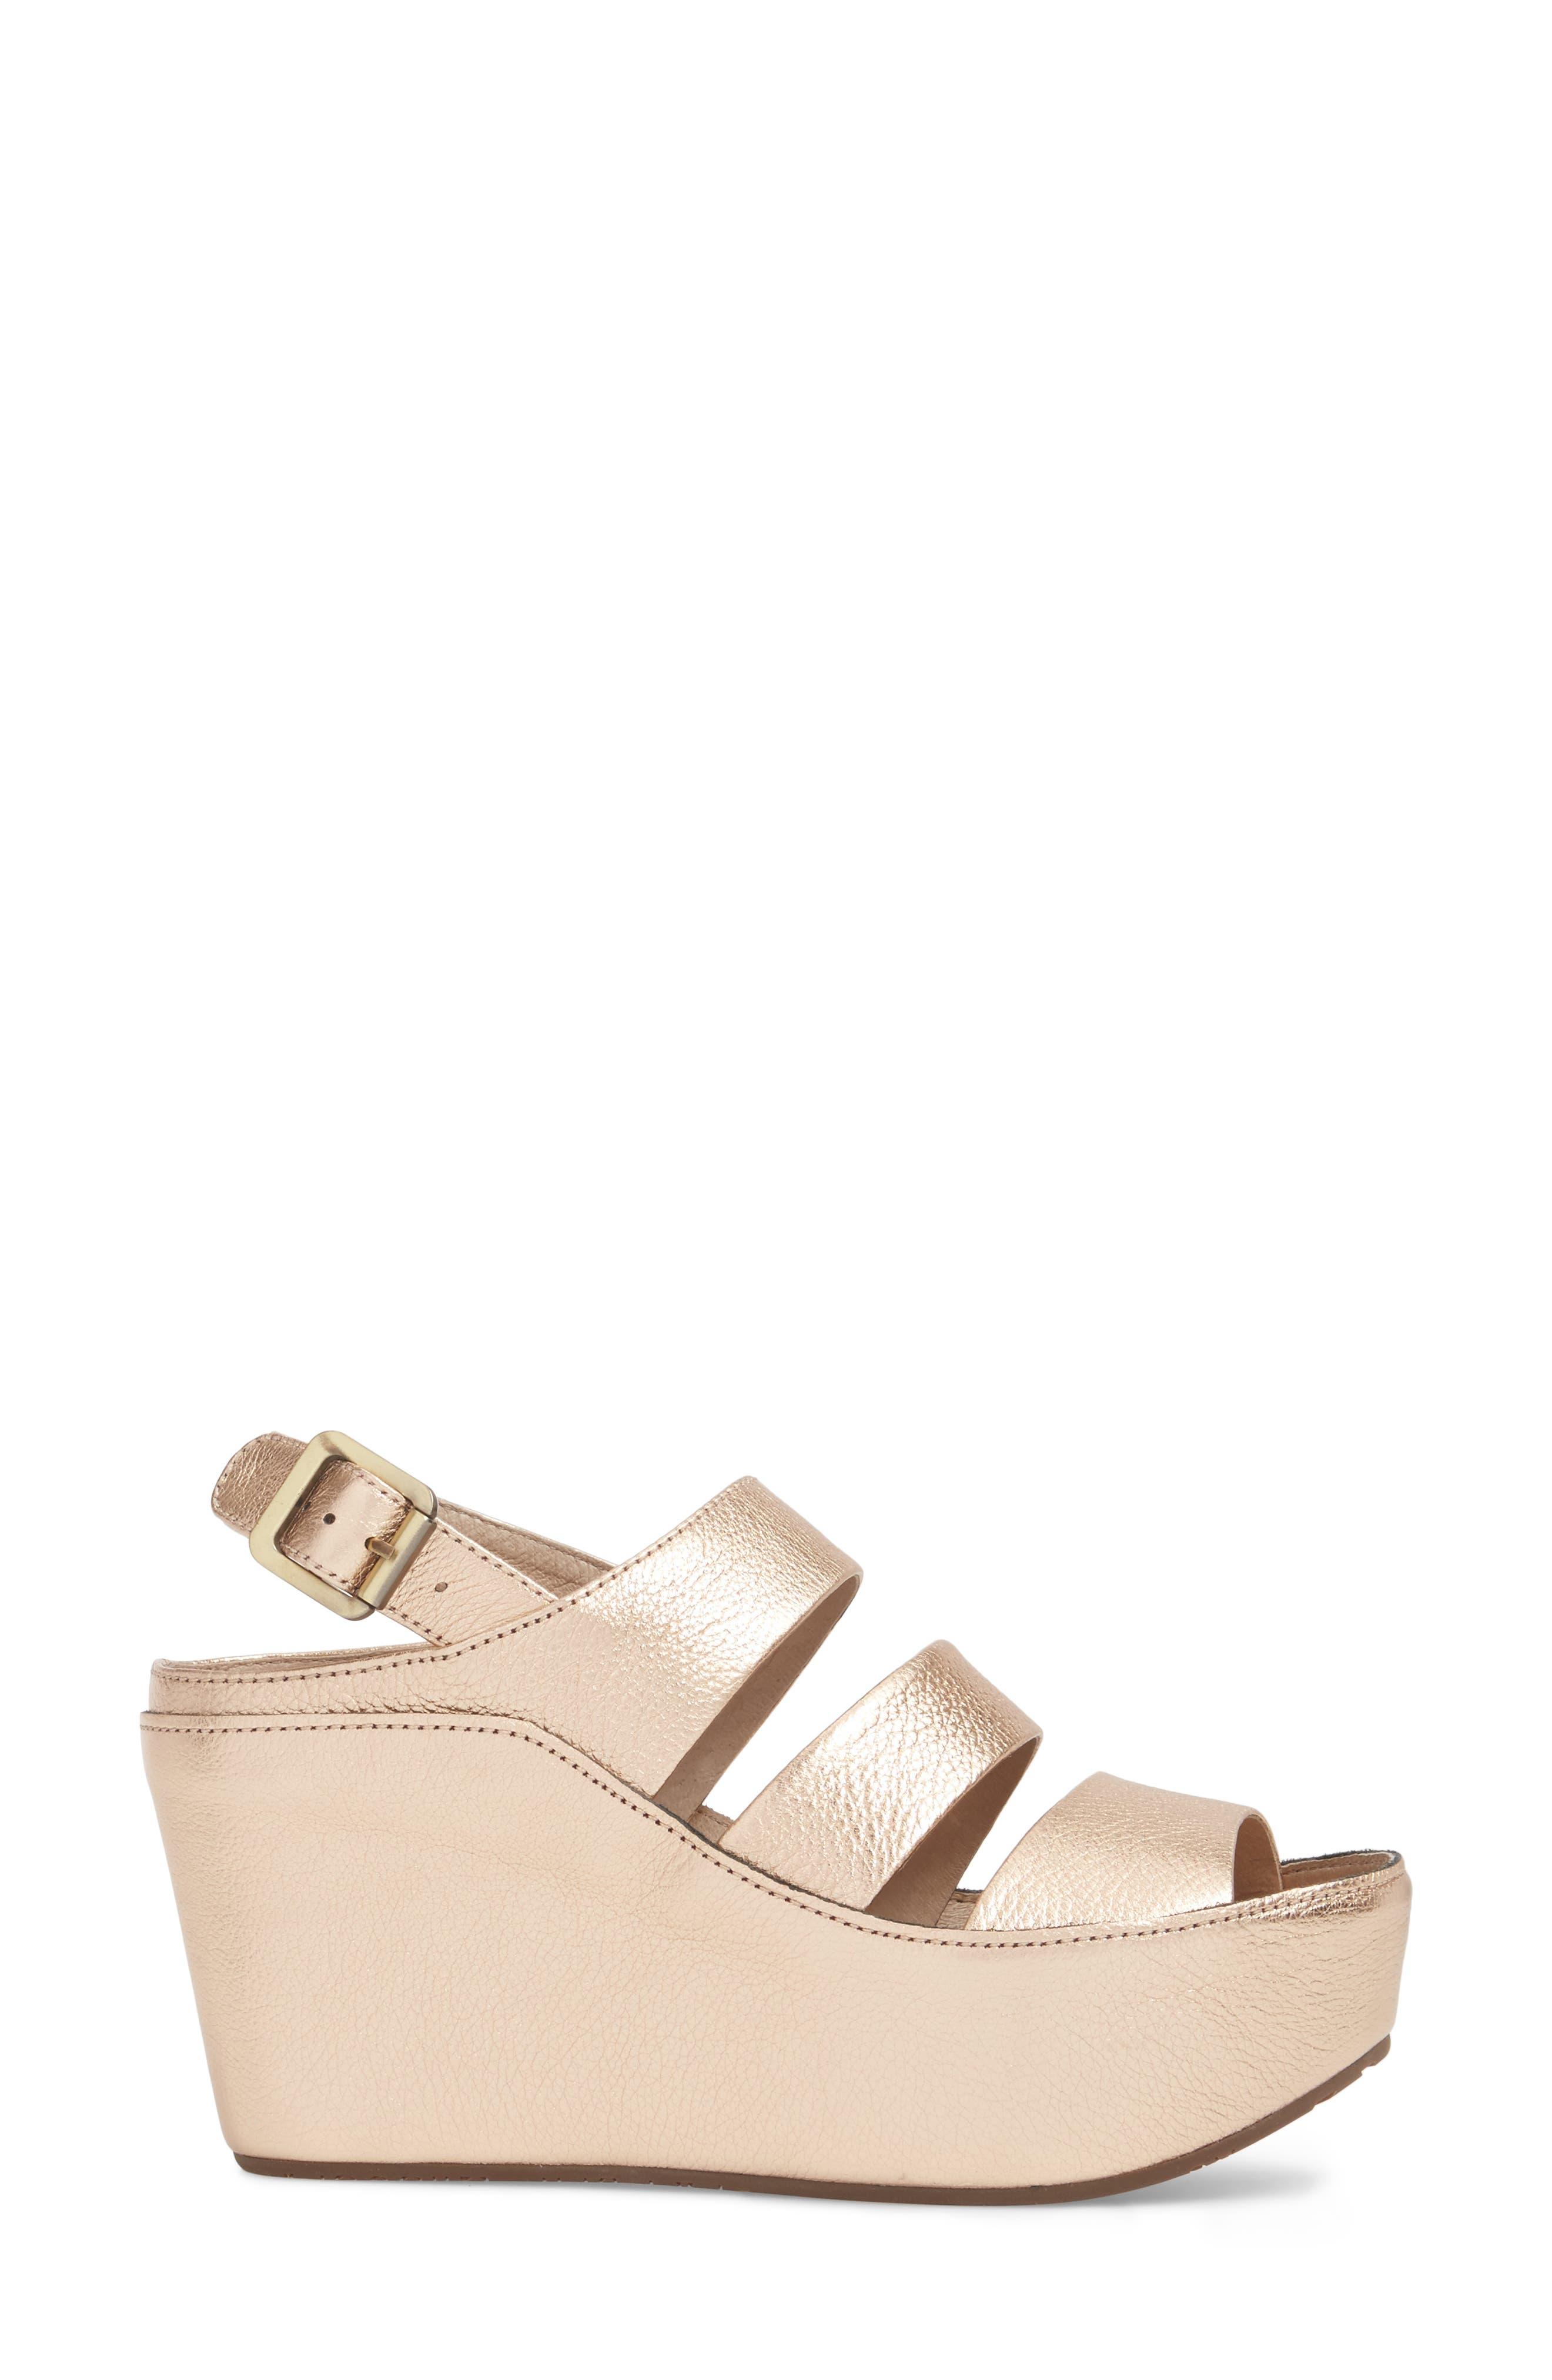 Windsor Platform Wedge Sandal,                             Alternate thumbnail 3, color,                             Rose Gold Leather